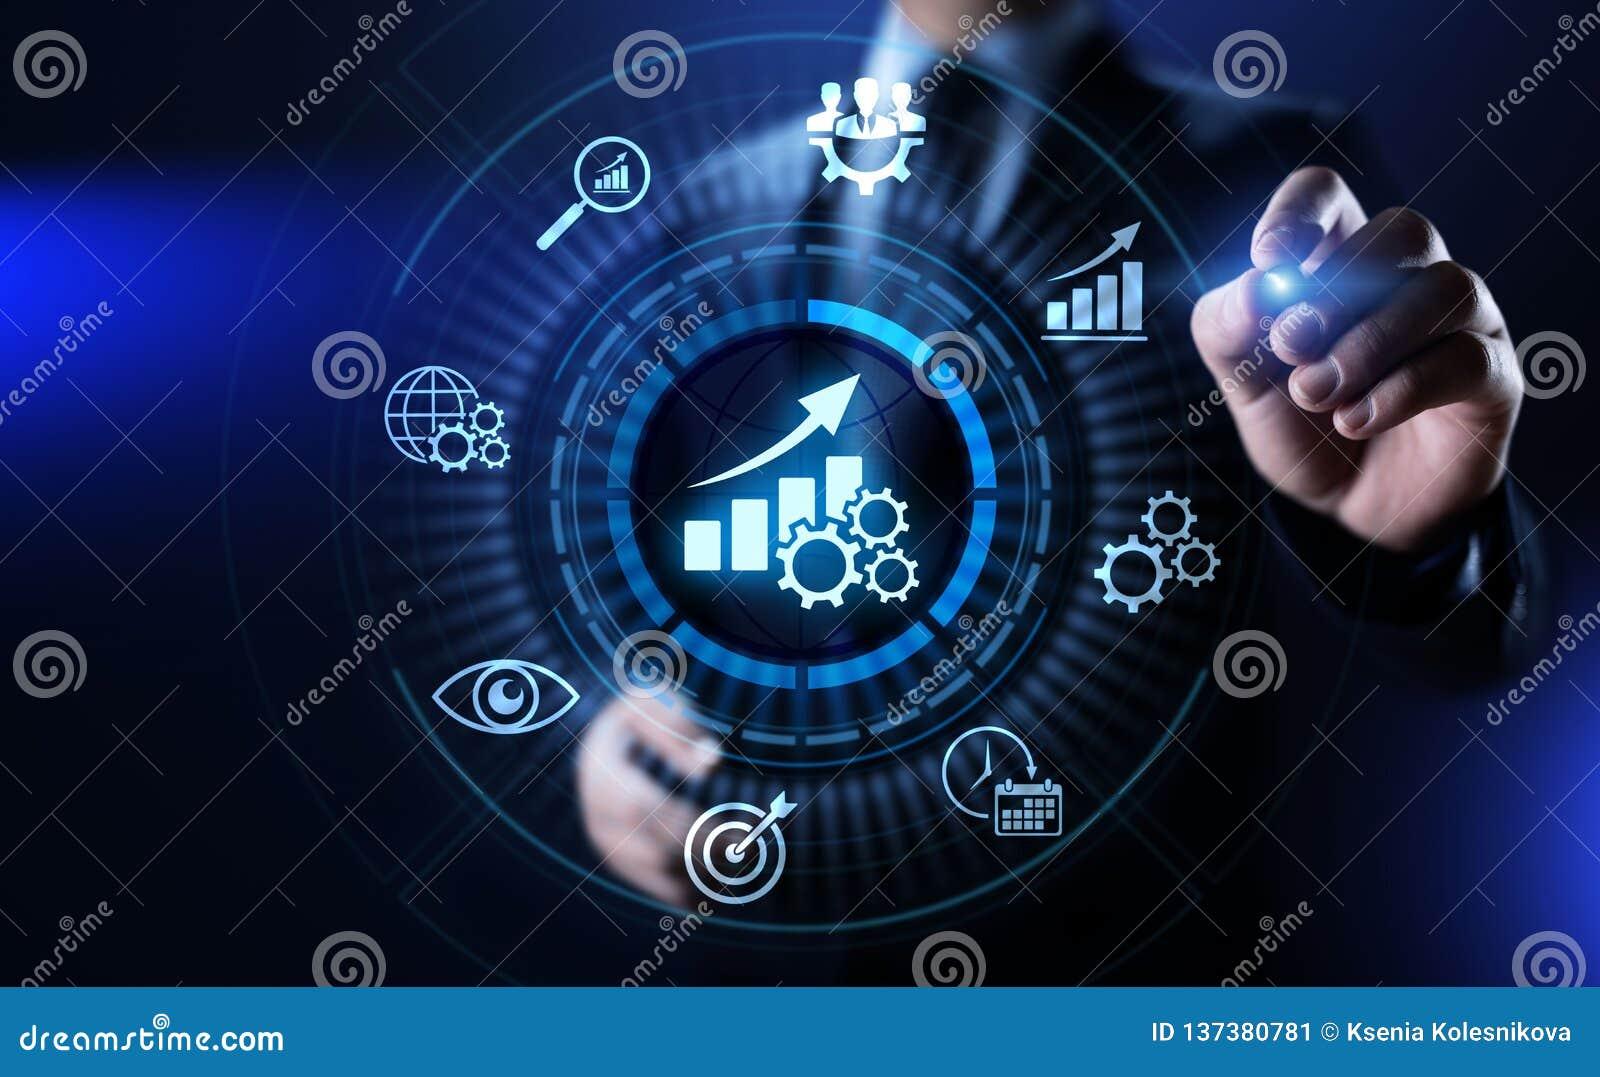 KPI-Schlüsselleistungsindikatorzunahmeoptimierungsgeschäft und industrieller Prozess